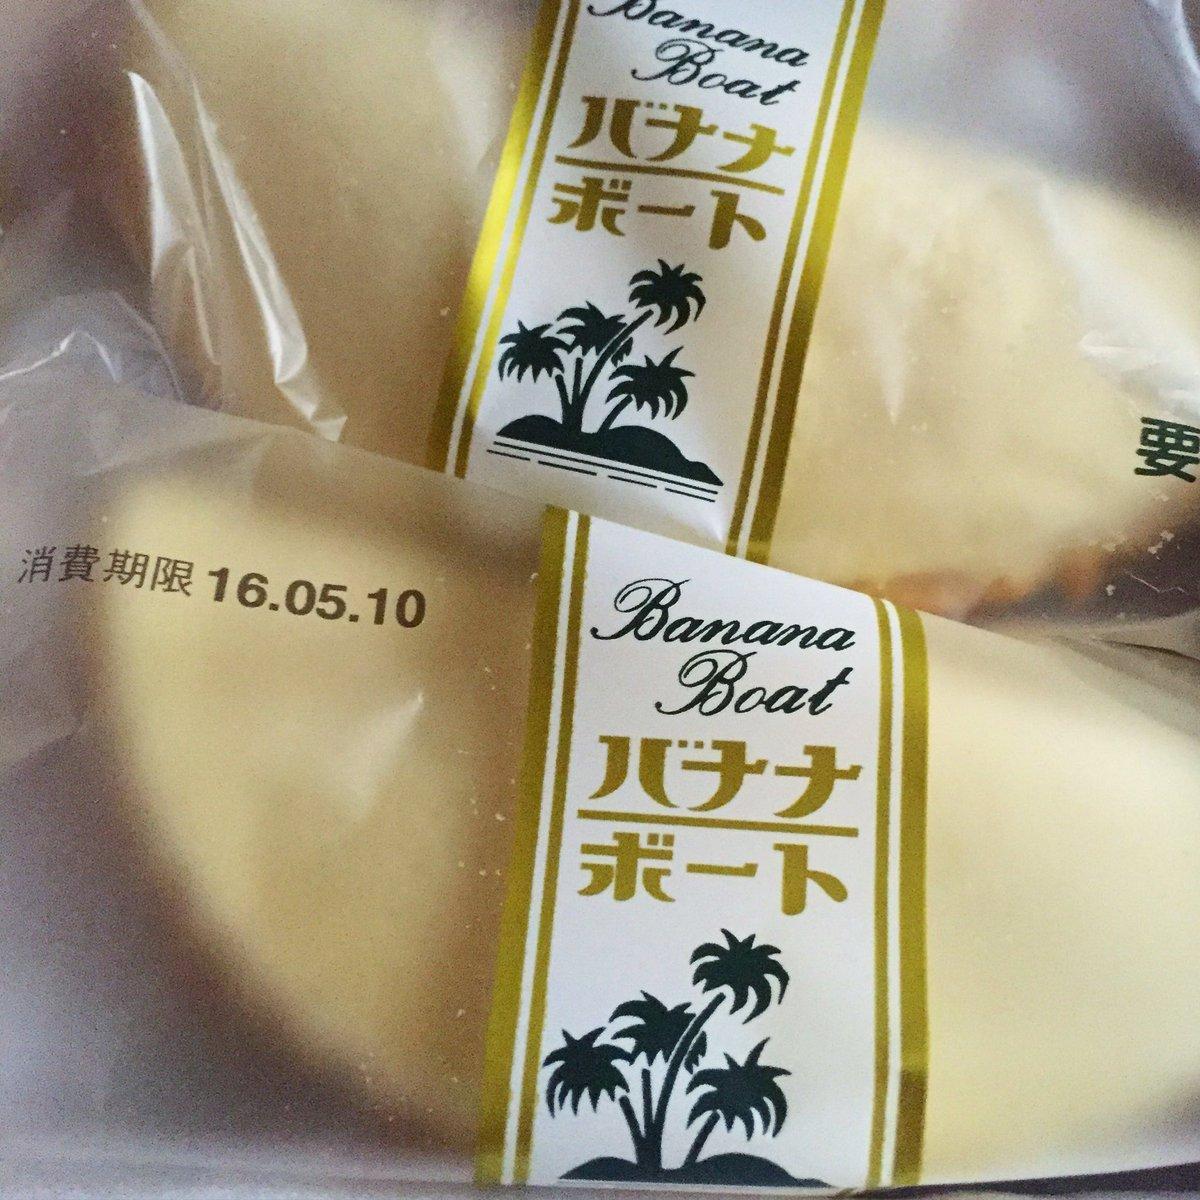 「たけや パン バナナボート」の画像検索結果